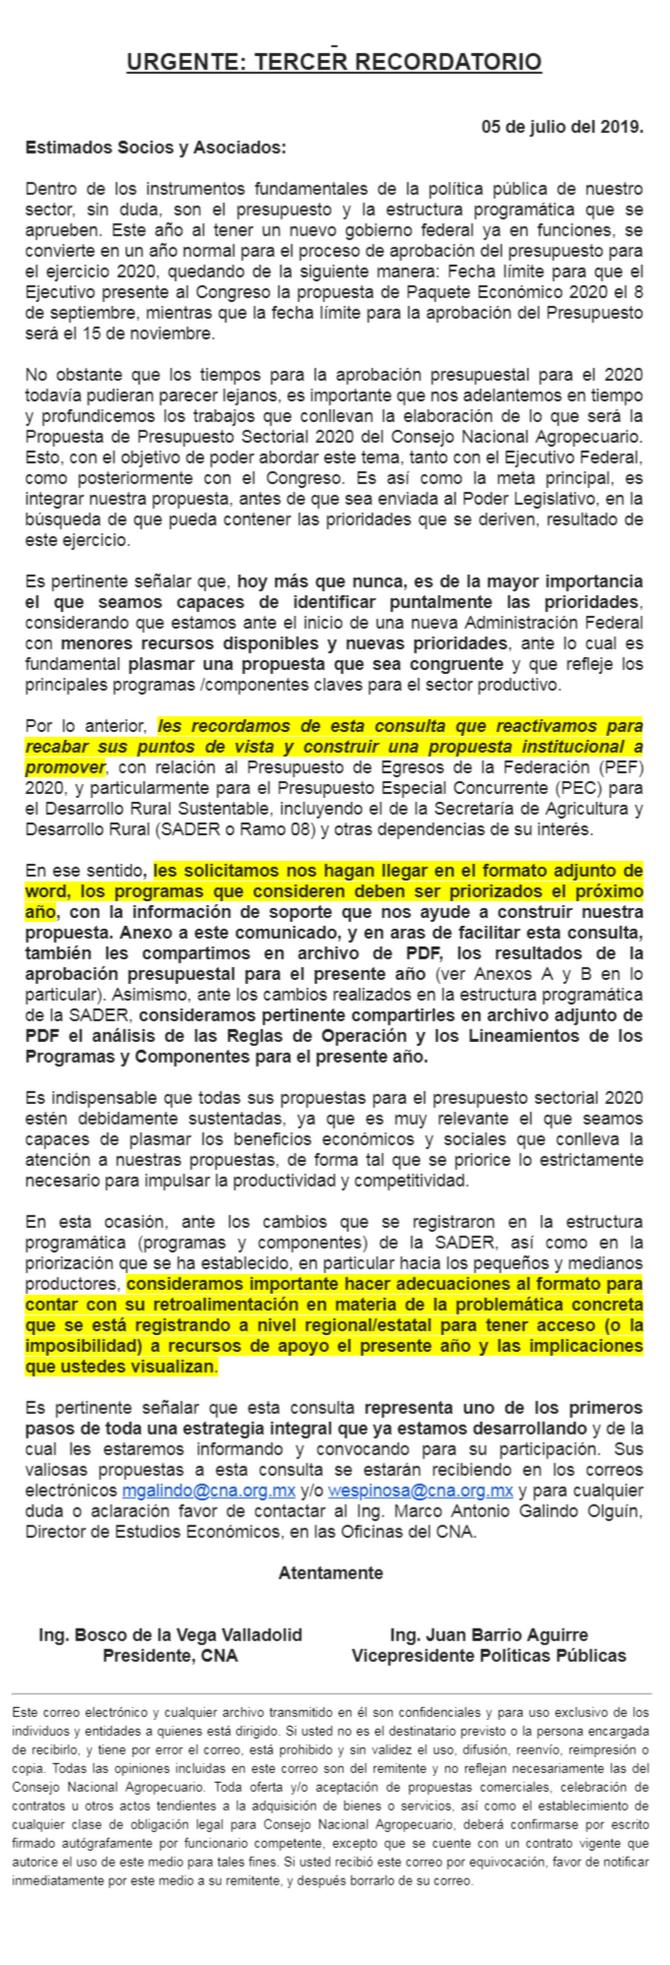 URGENTE: TERCER RECORDATORIO DE CONSULTA PARA ELABORACIÓN DE PROPUESTA INSTITUCIONAL PARA EL PEF 202